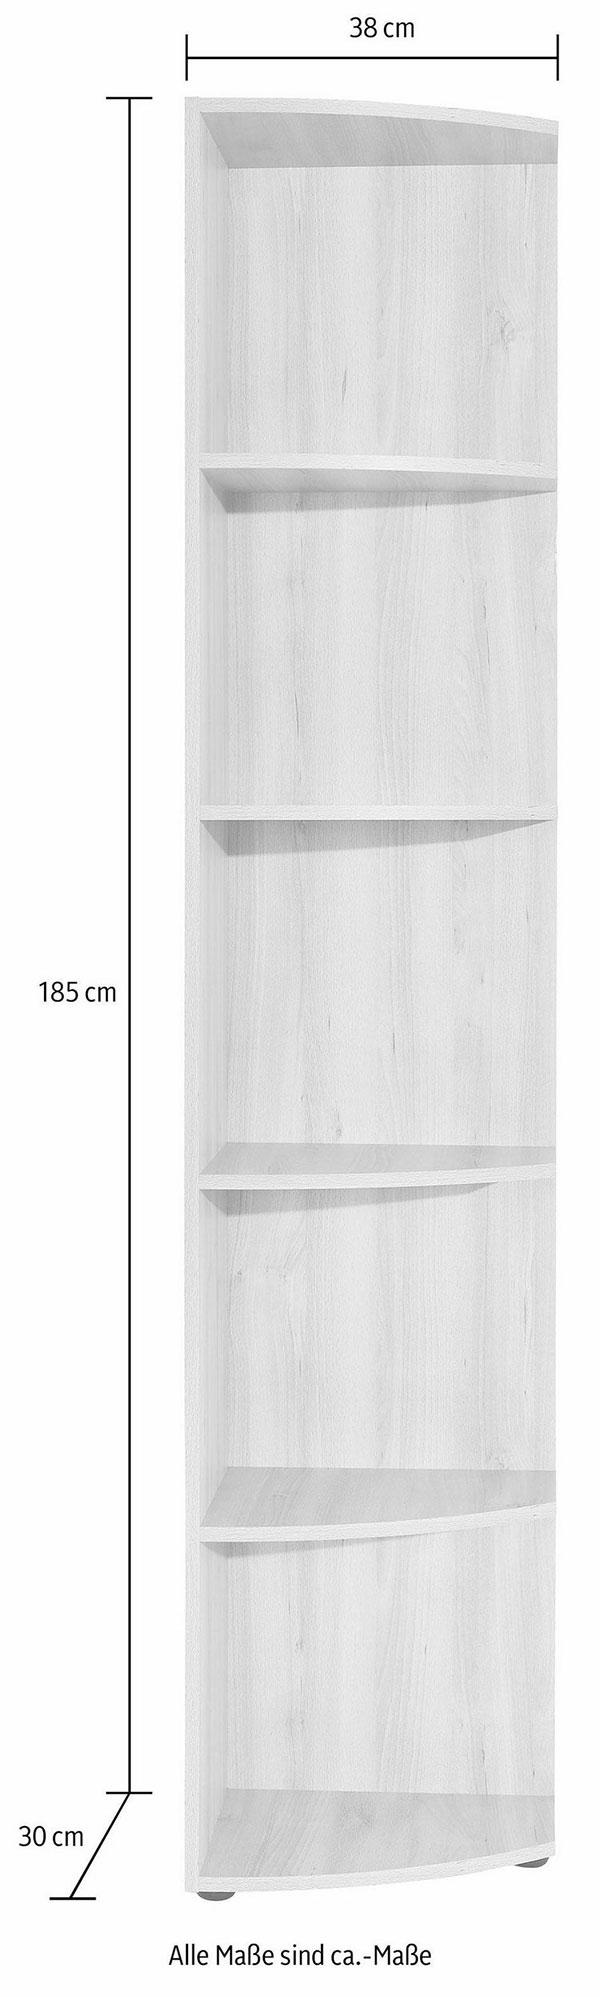 Full Size of Regal 30 Cm Tief Ikea Breit 50 Buche Hoch Holz Szeroki Regale Weiß Schäfer Kleiderschrank Mit Kleines Babyzimmer Gebrauchte Keller Moormann Günstige 25 Wohnzimmer Regal 30 Cm